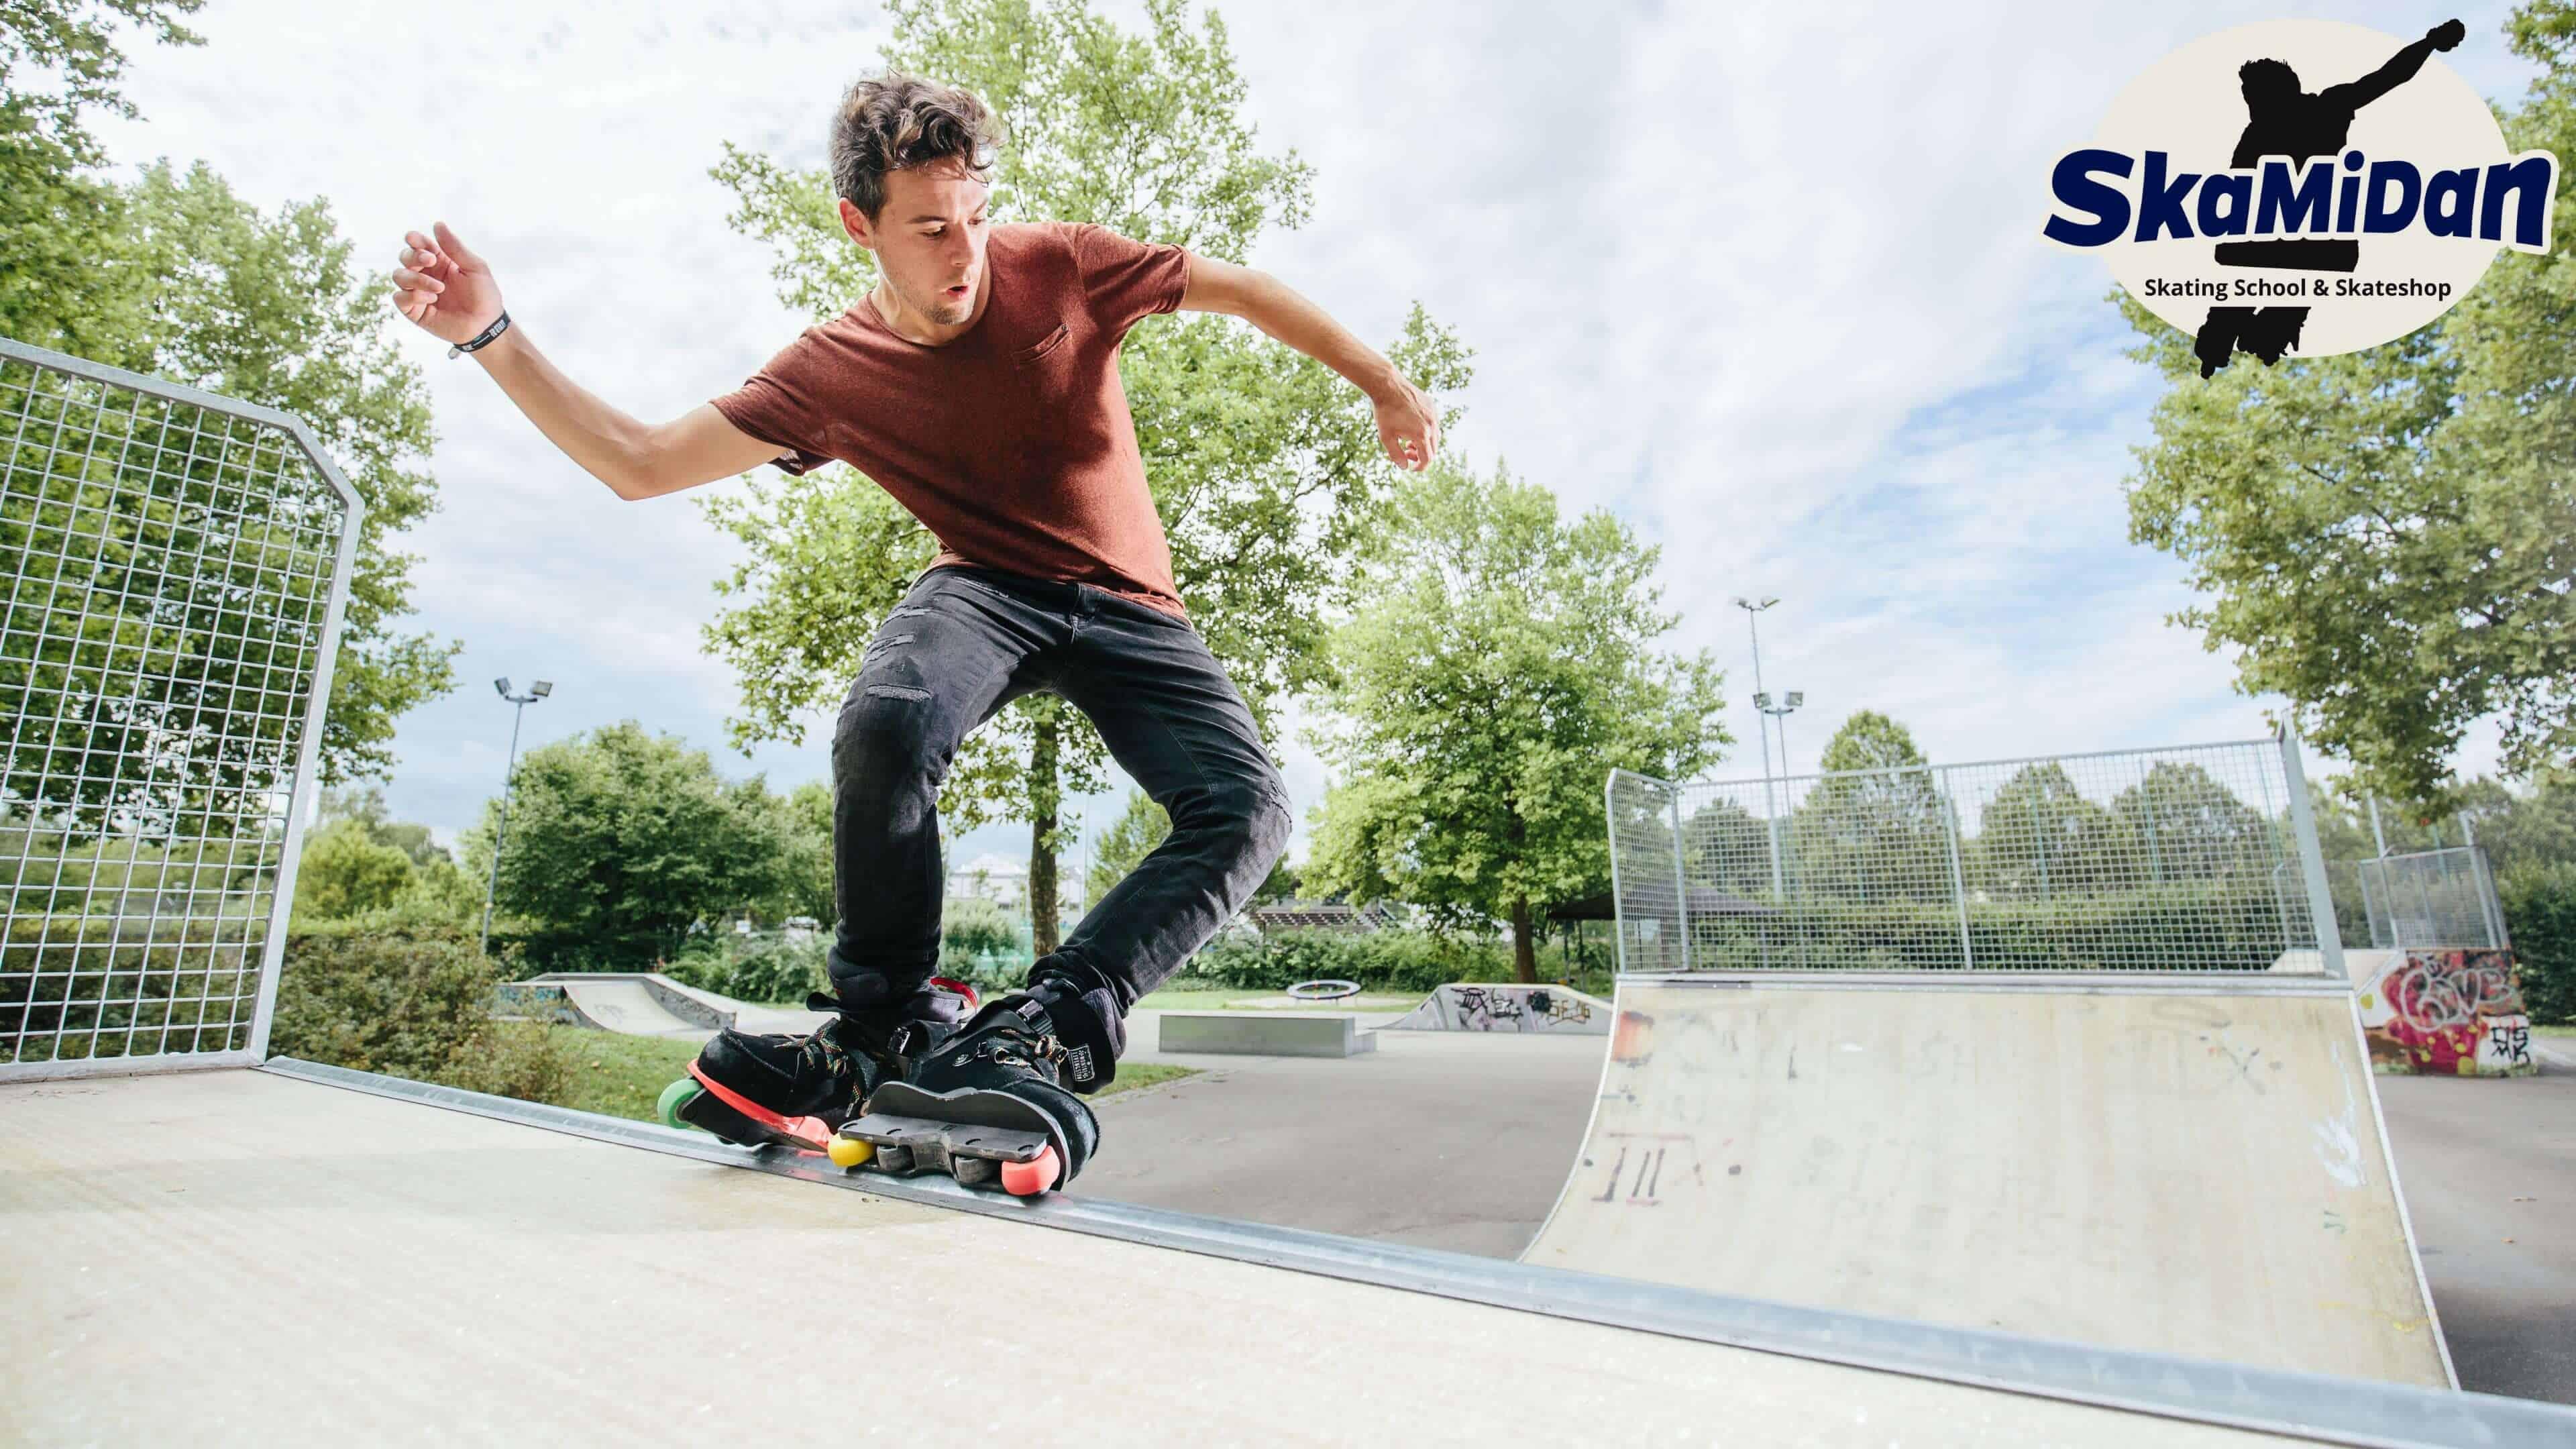 Skateschule SkaMiDan Weil am Rhein Basel Lörrach und Region Inline Skating Disziplinen Aggressive Inline Skating